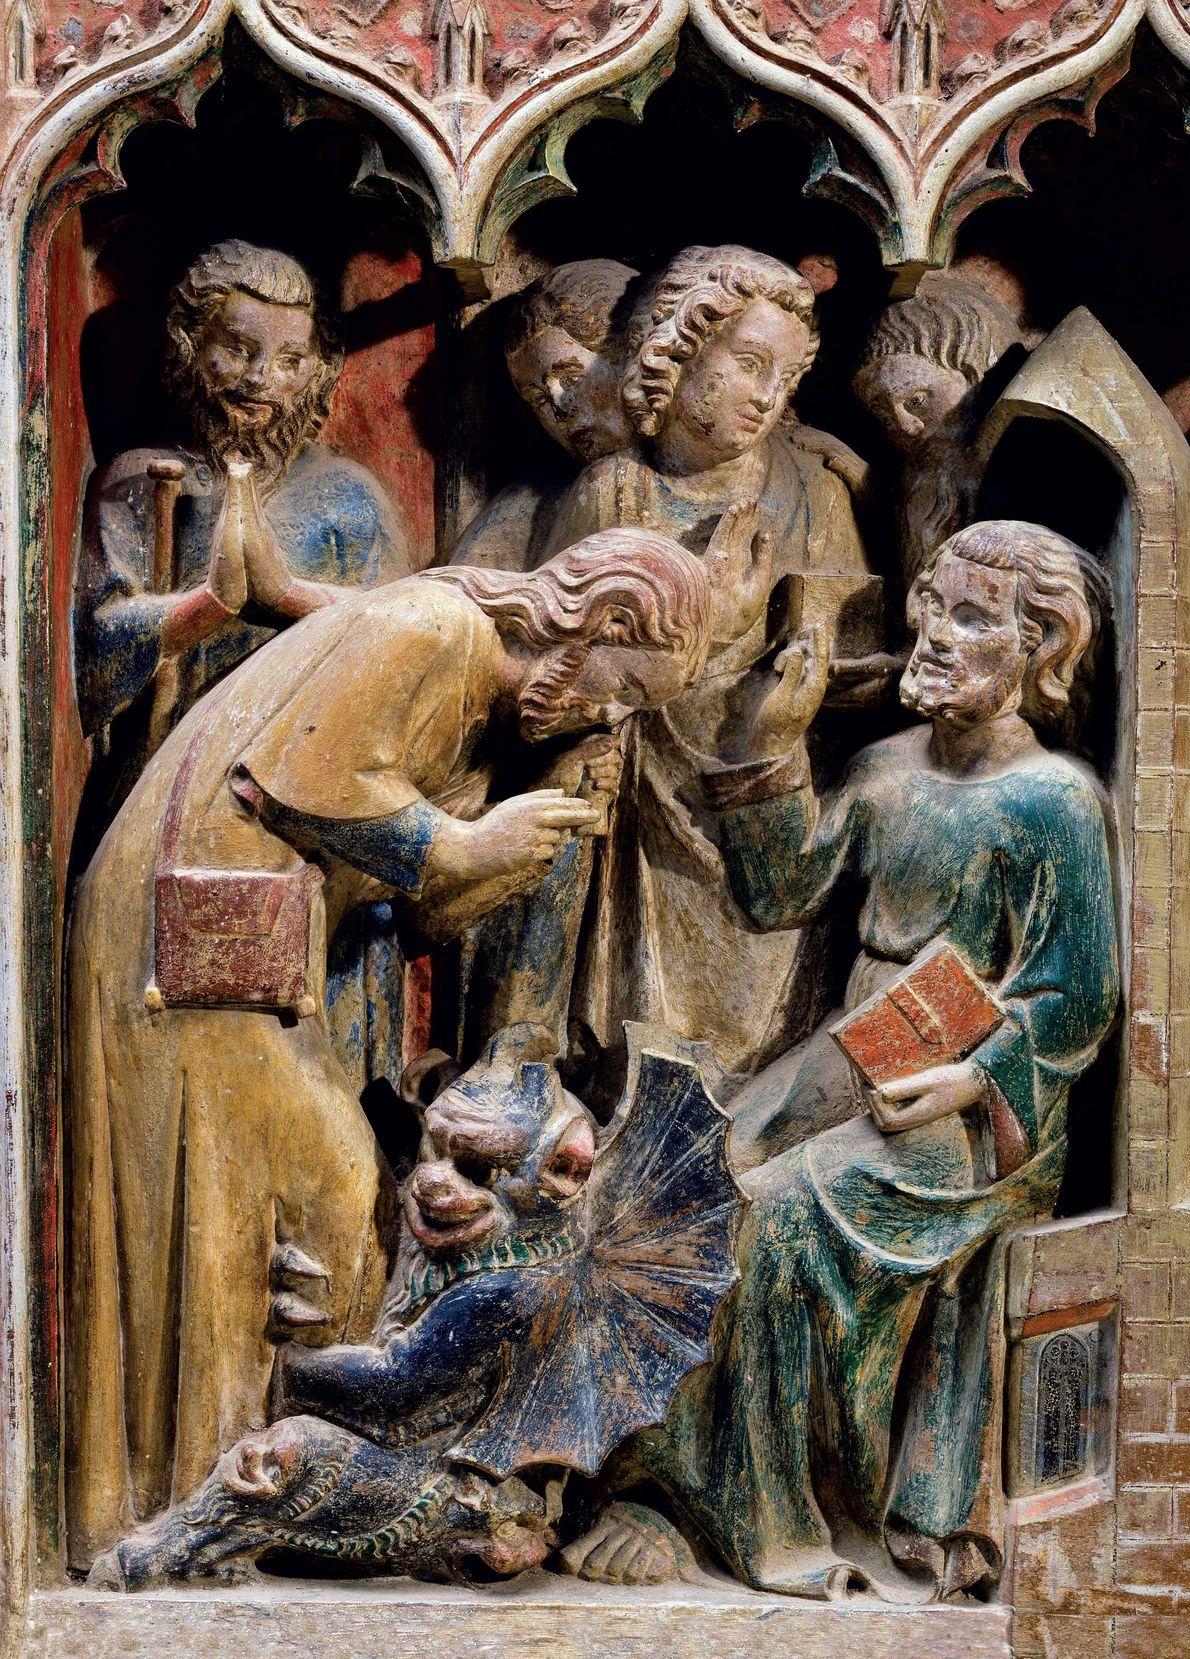 Saint Théobald exorcise un possédé dans ce retable du XIVe siècle de l'église Saint-Thibault en Bourgogne. ...